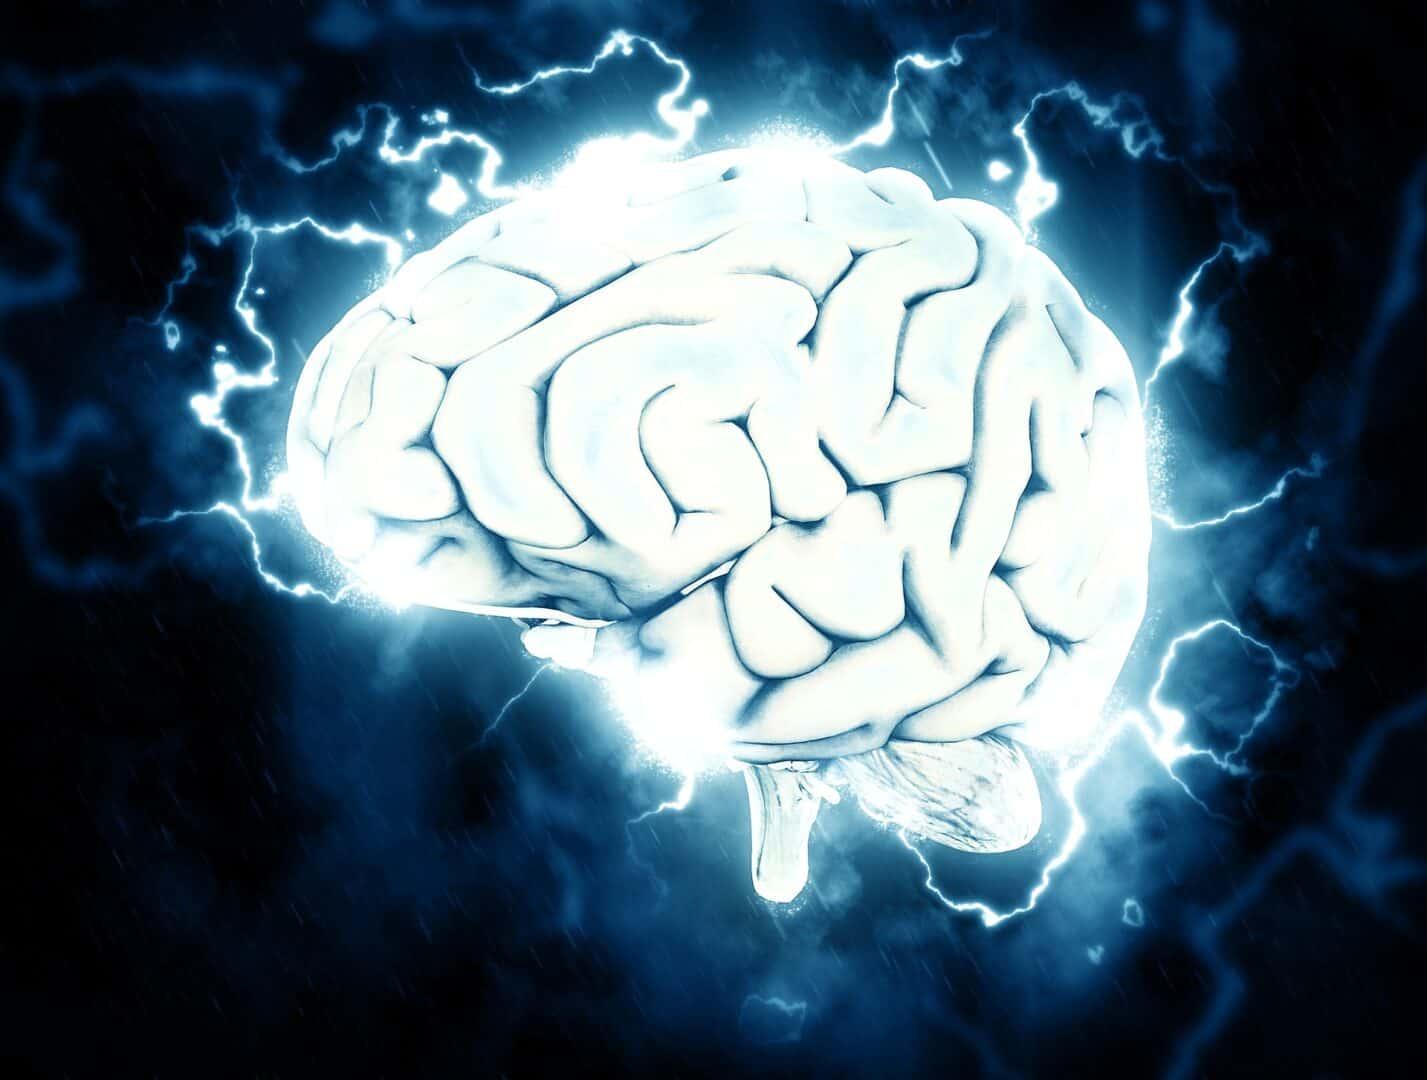 Migräne – was tun, wenn der Kopf explodiert?